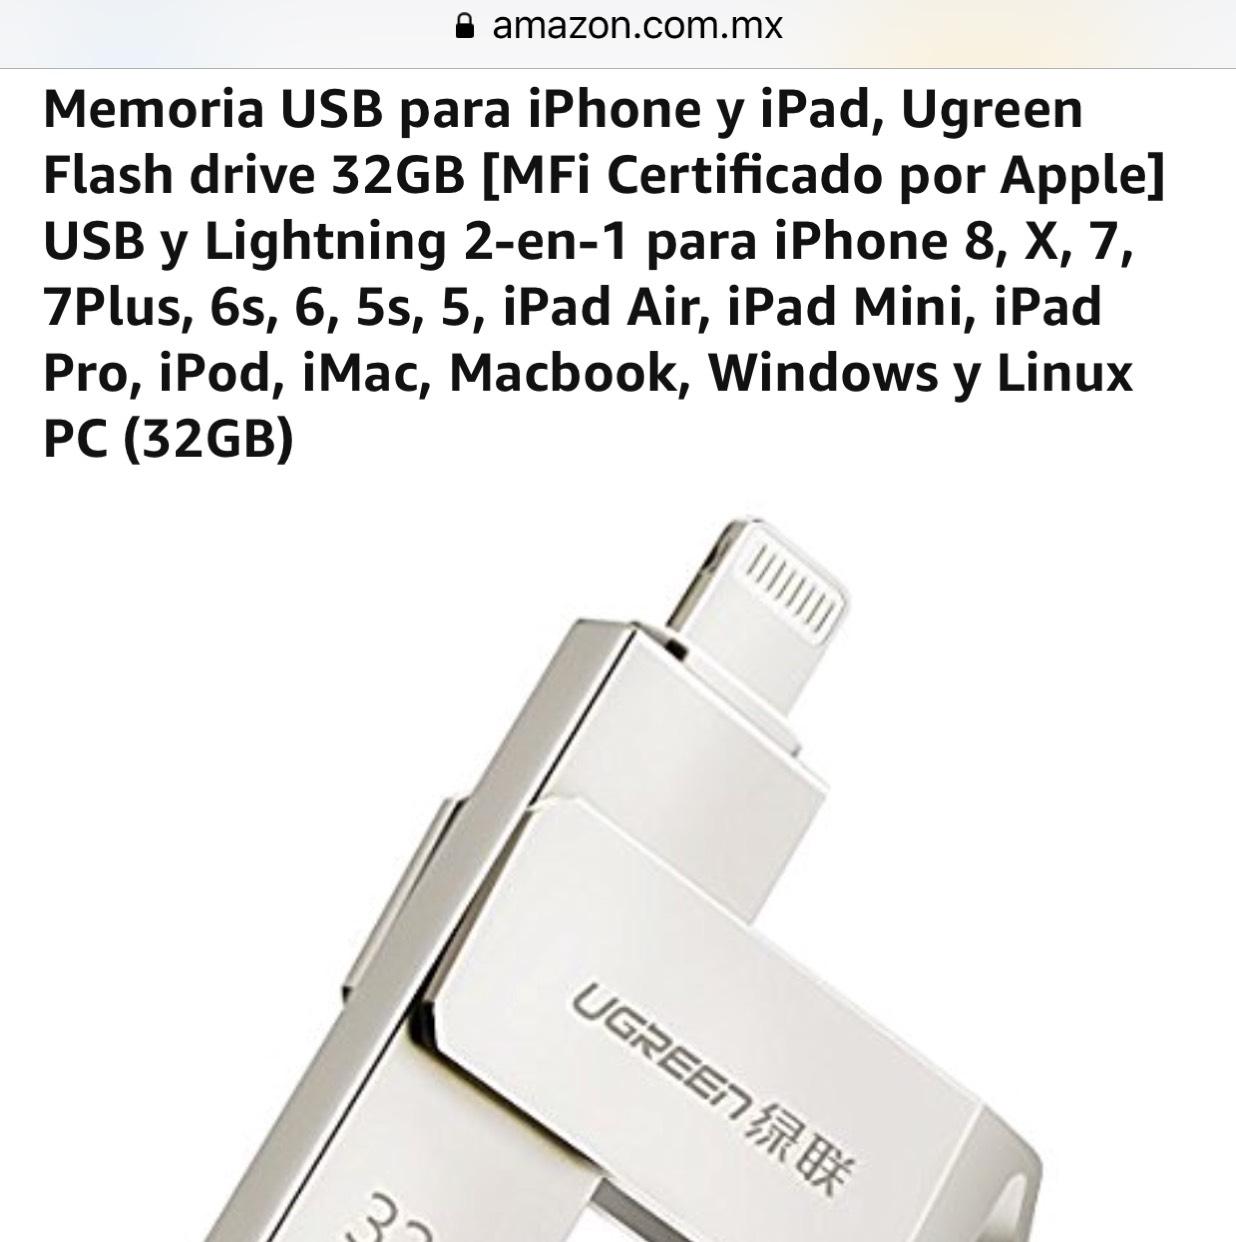 Amazon: OTG (no usb) para iPhone y iPad, Ugreen Flash drive 32GB Certificado MFI Y ENVIO GRATIS! (Prime)